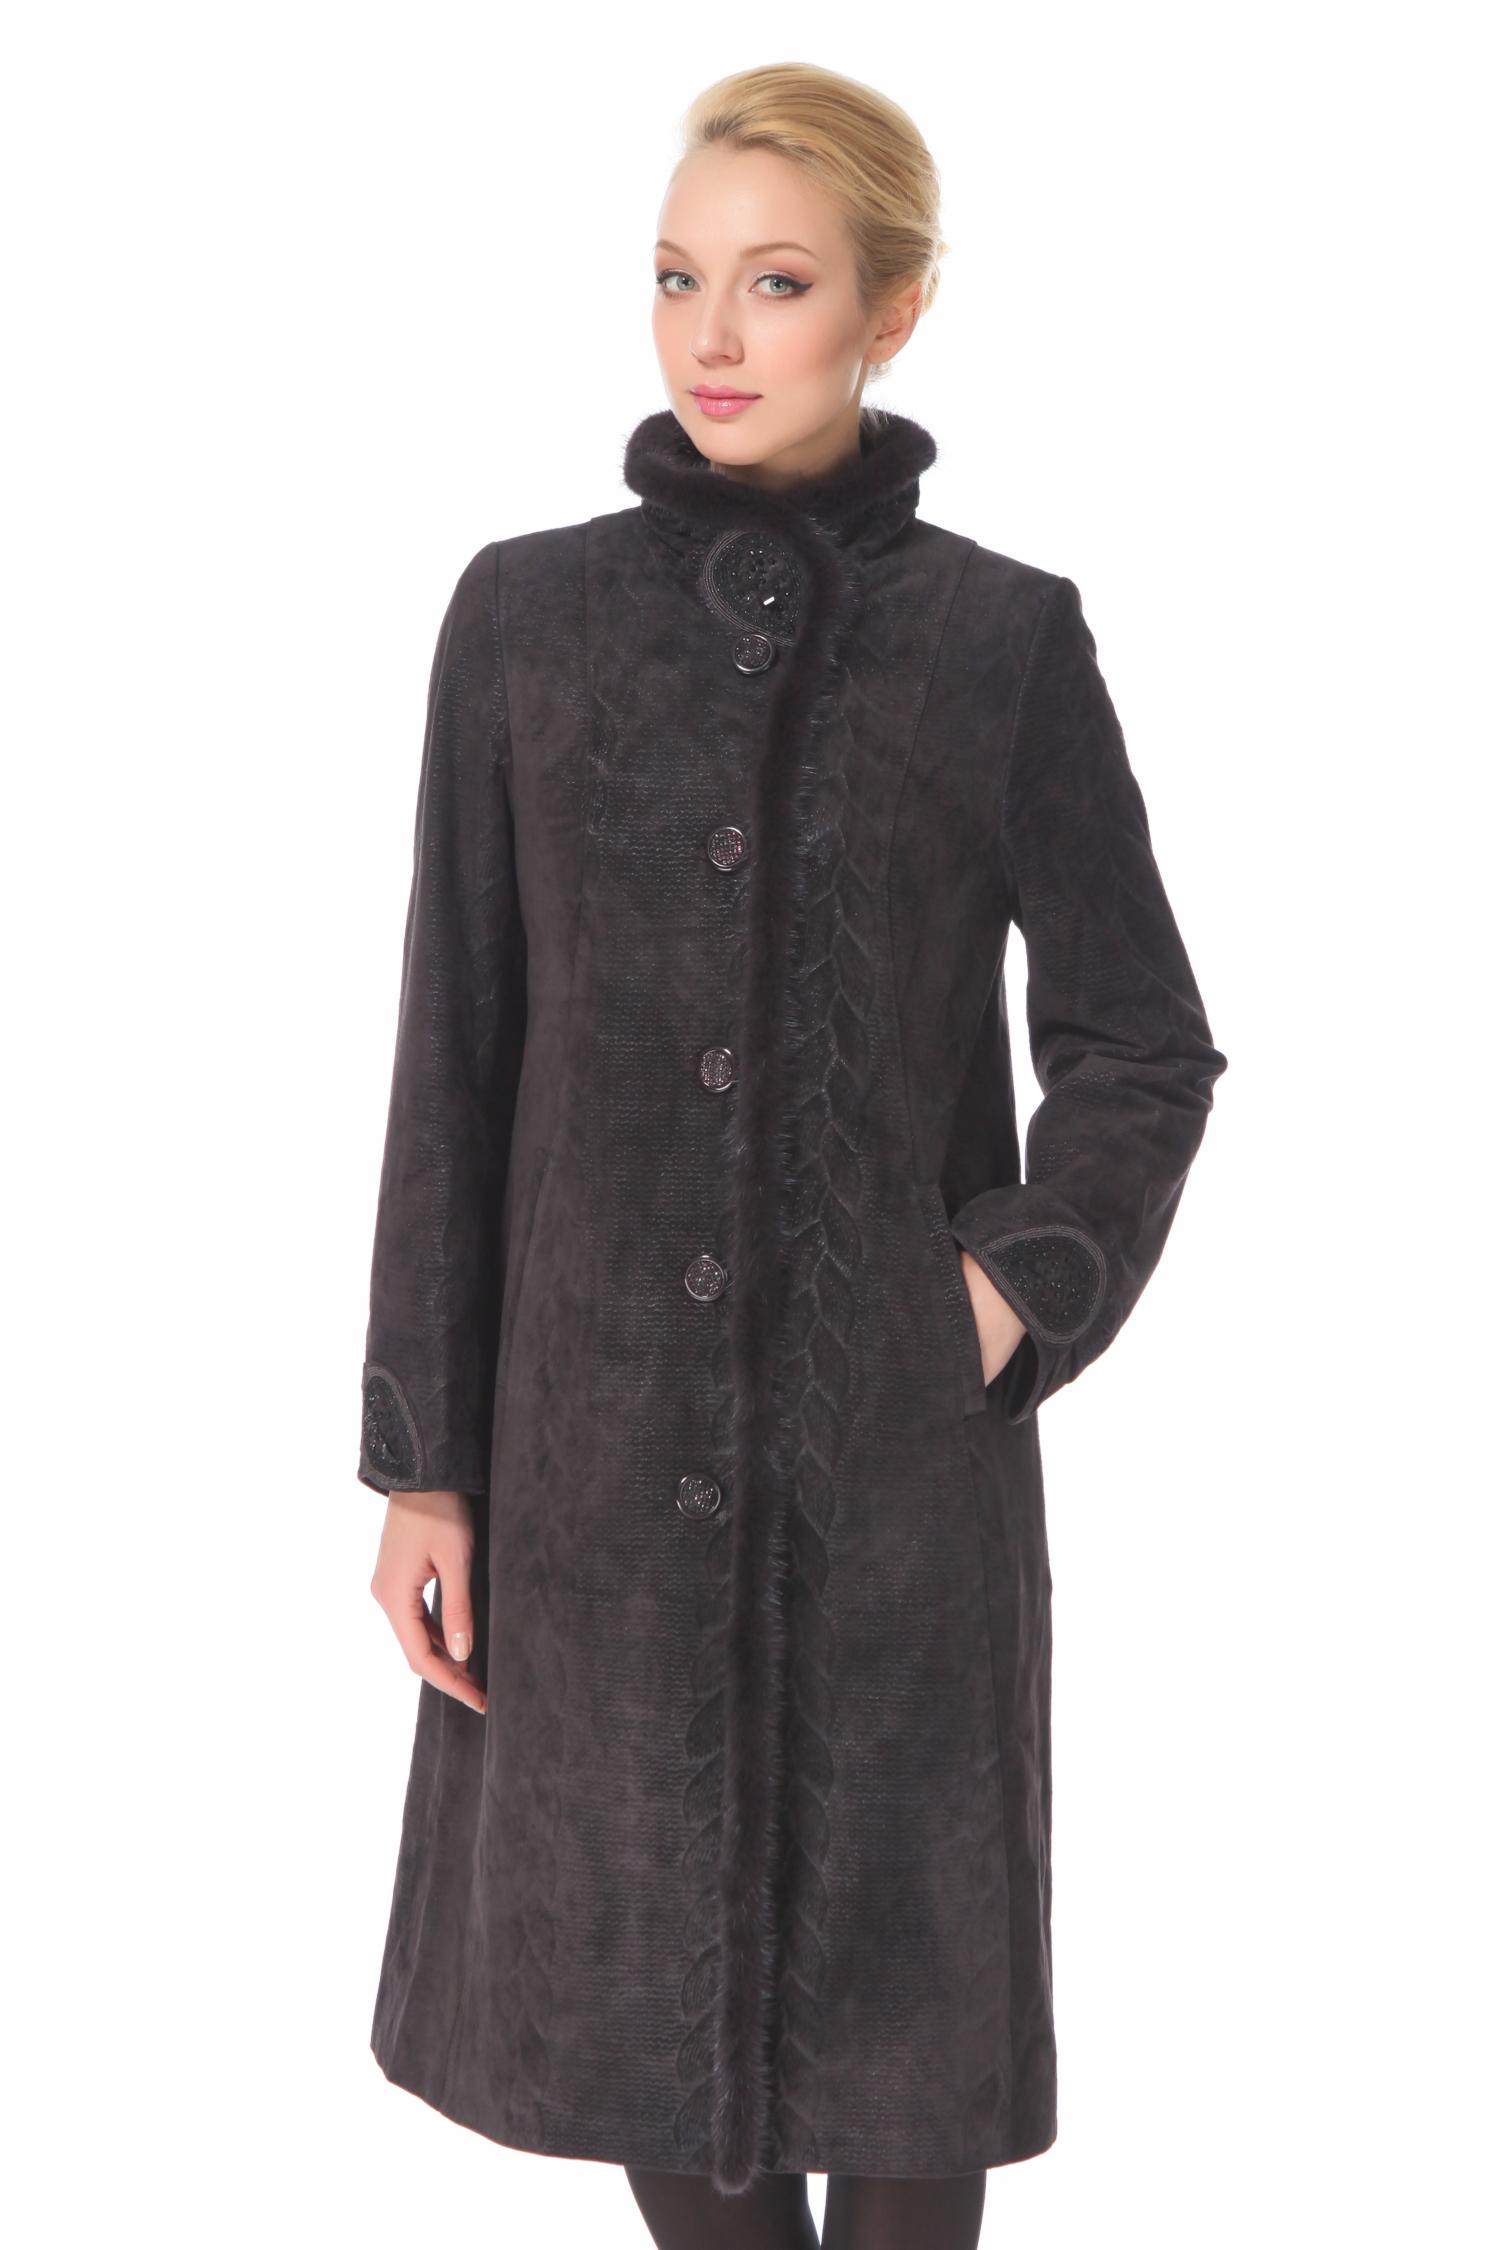 Женское кожаное пальто из натуральной замши (с накатом) с воротником, отделка норка